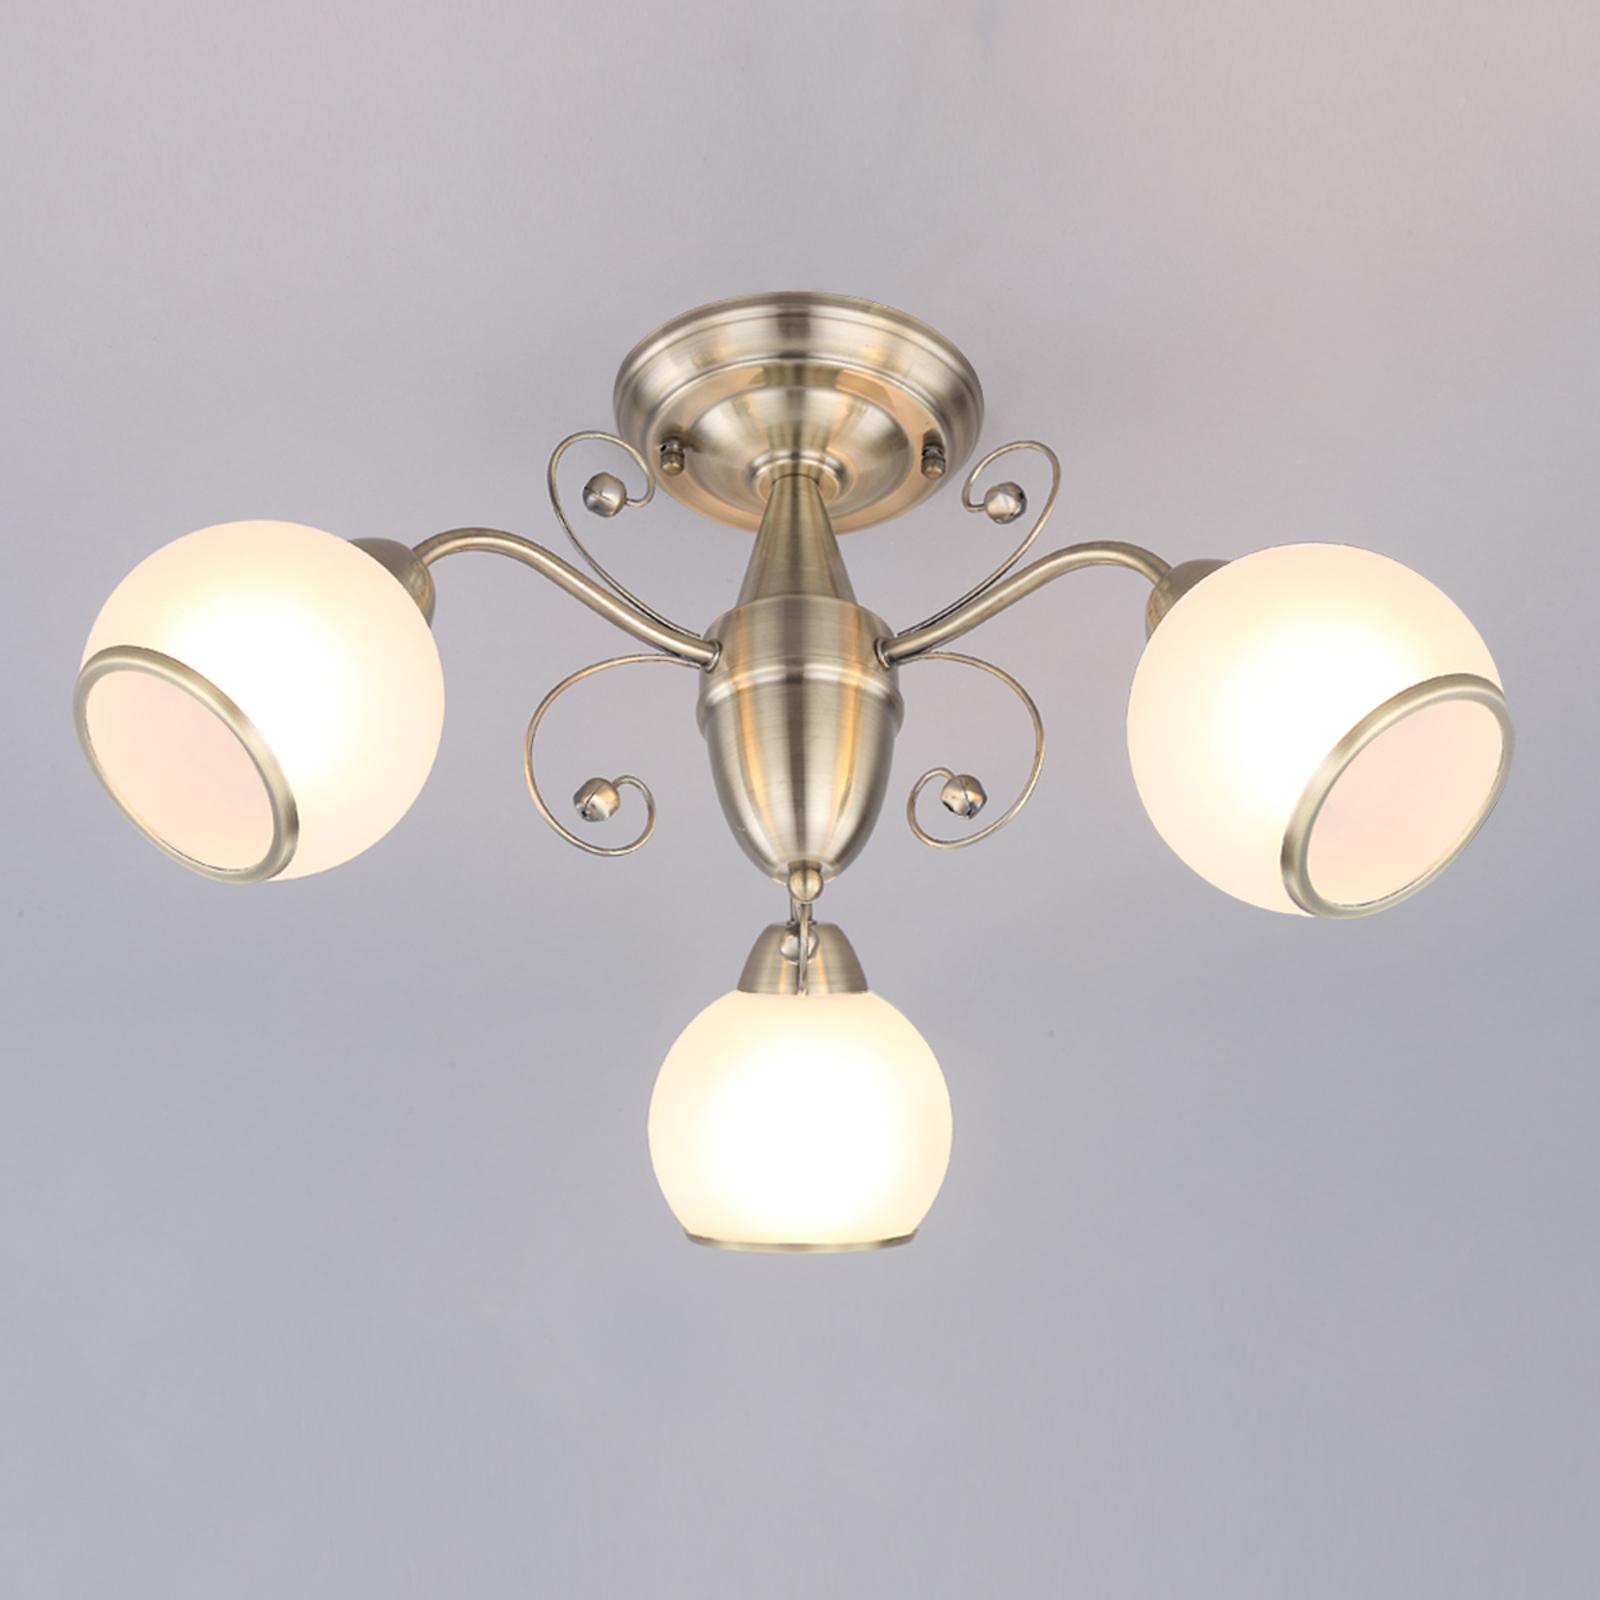 Corentin - fin taklampe, klassisk stil